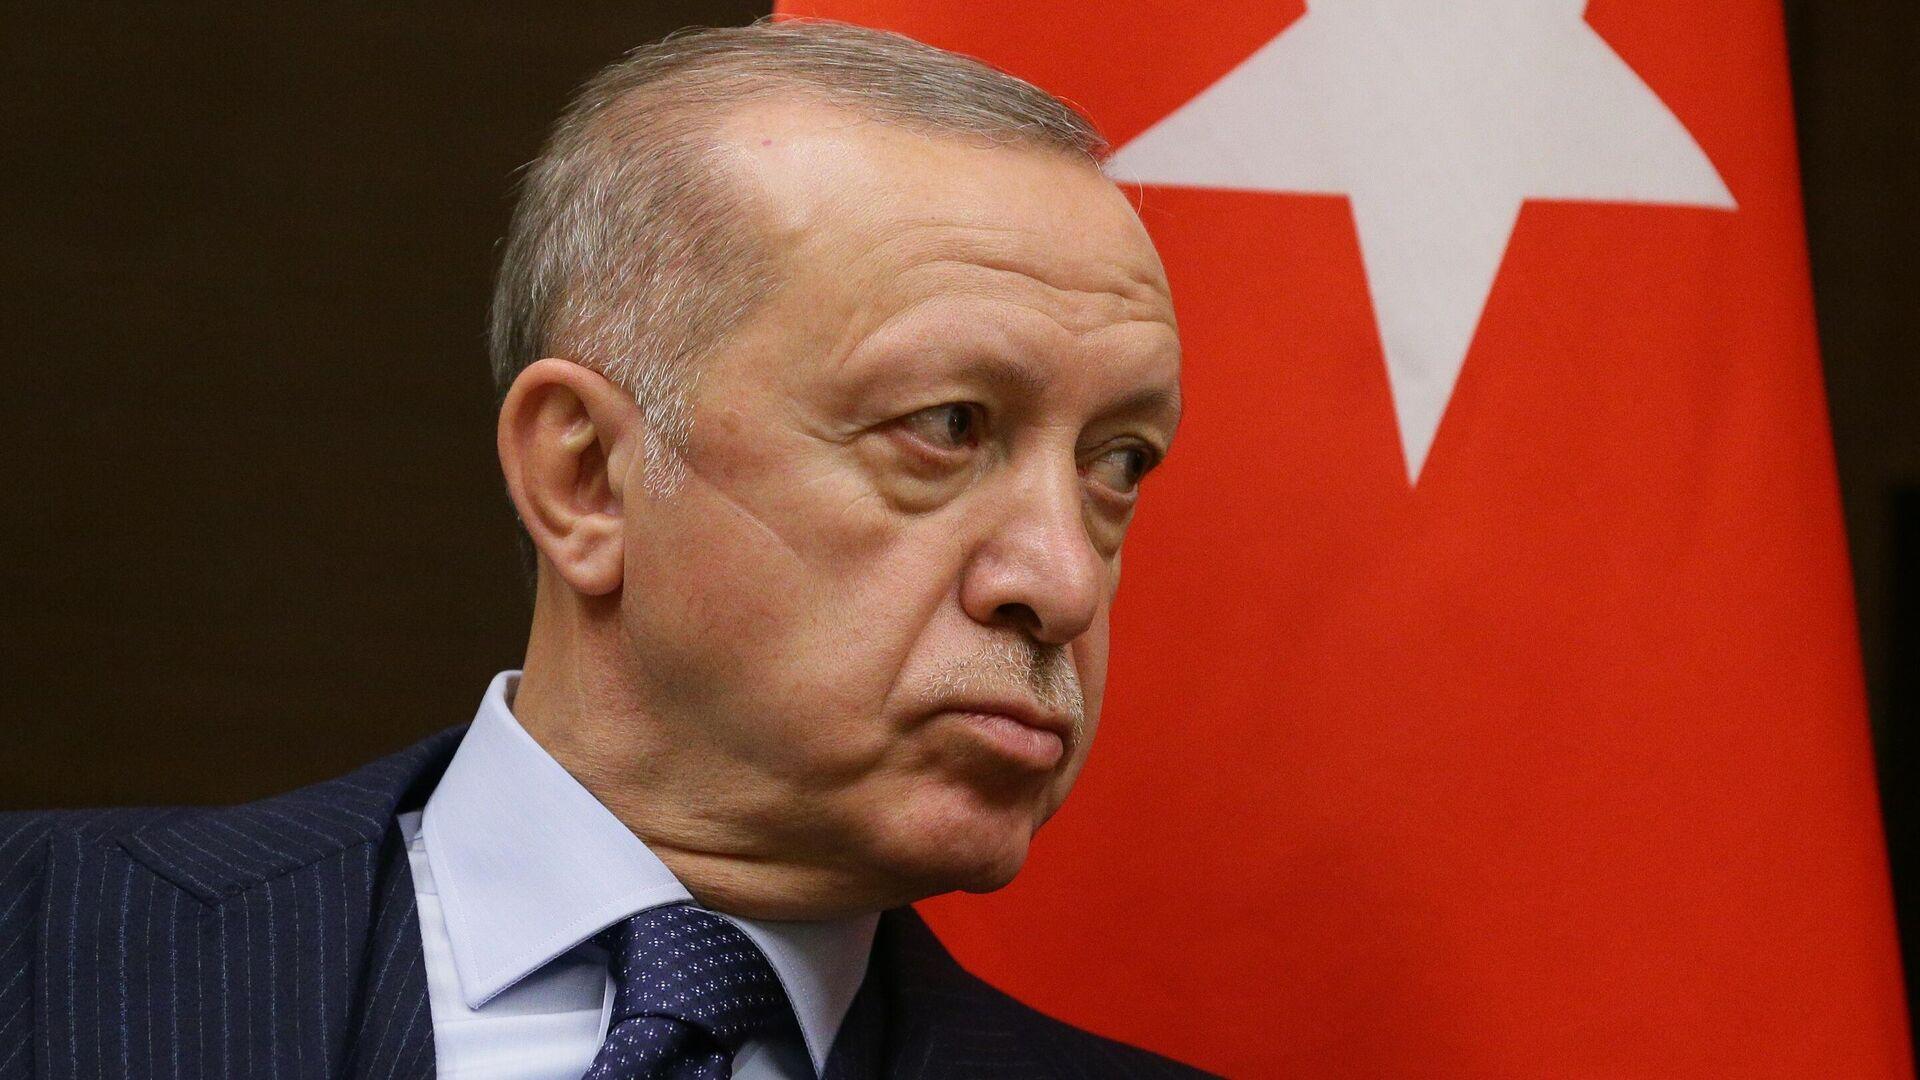 El presidente turco, Recep Tayyip Erdogan - Sputnik Mundo, 1920, 30.09.2021